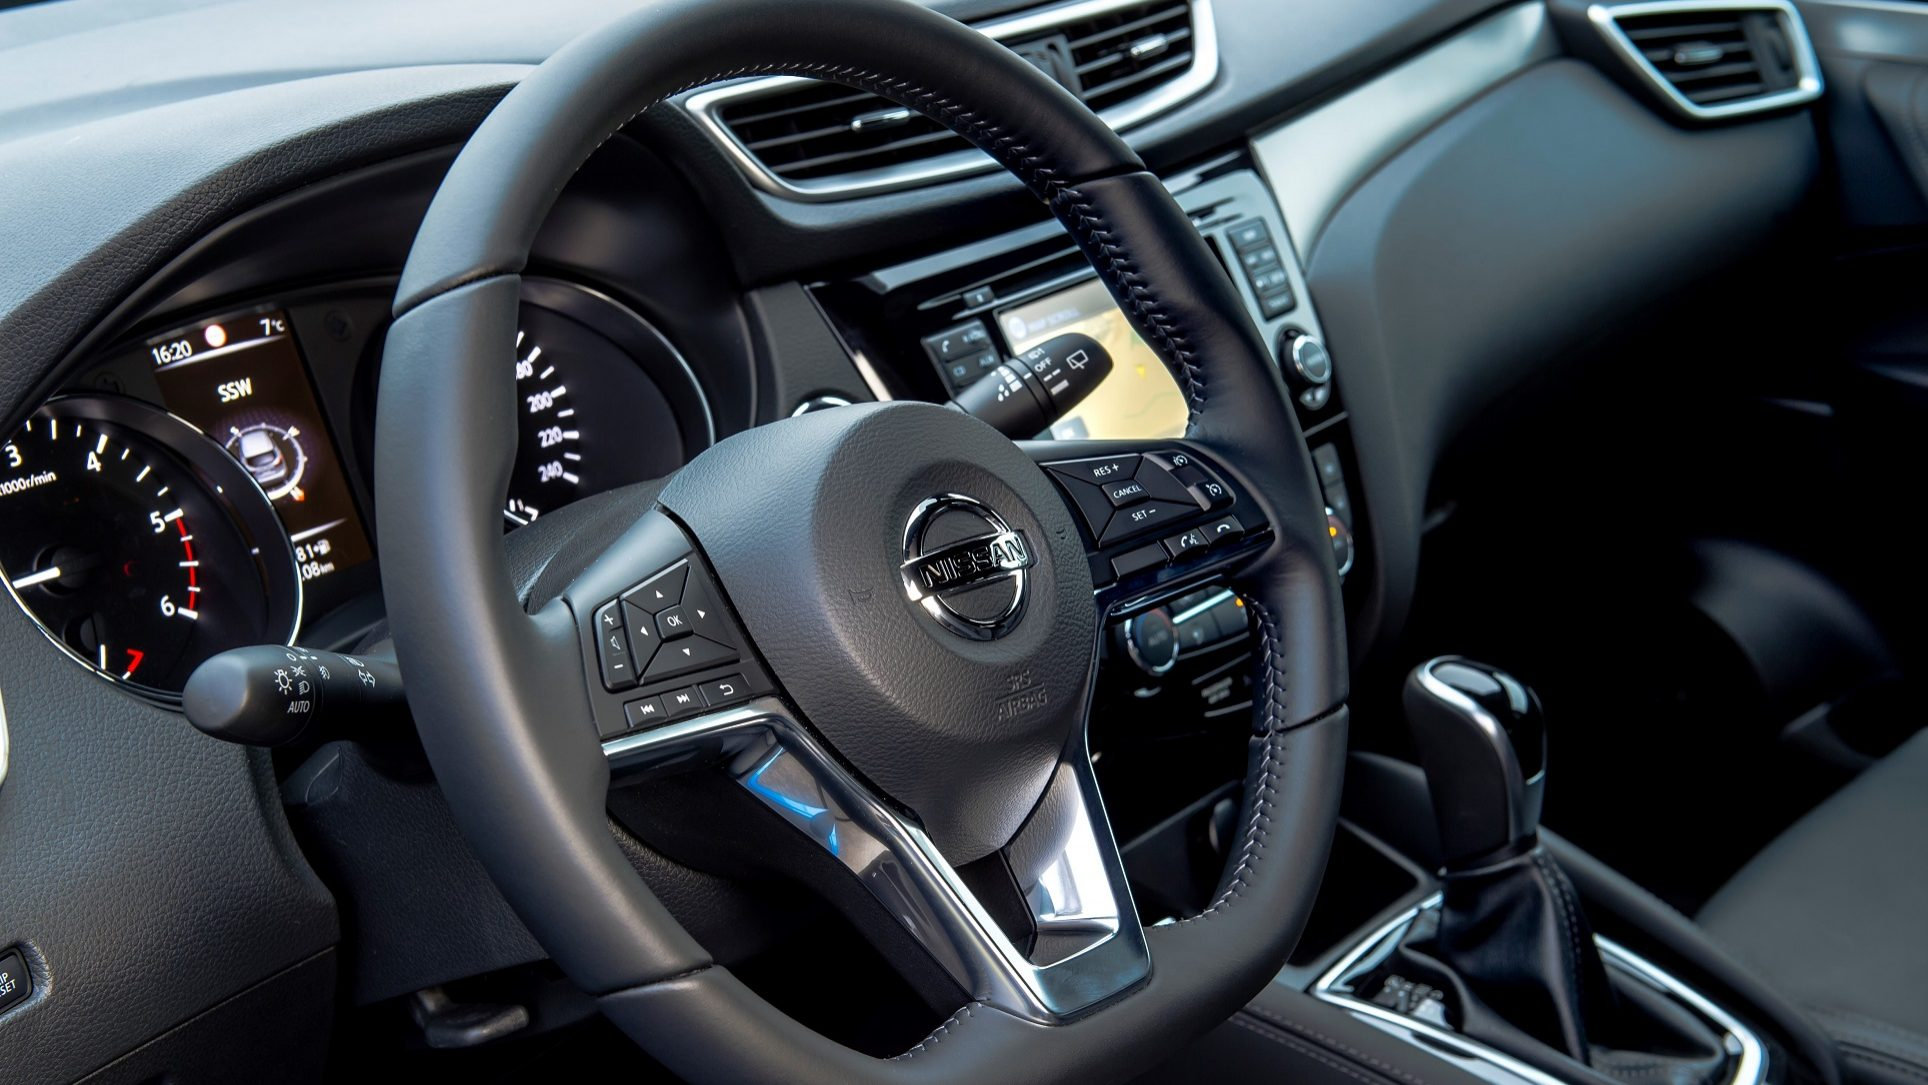 Nissan continua a testar carros sem condutor apesar do acidente da Uber